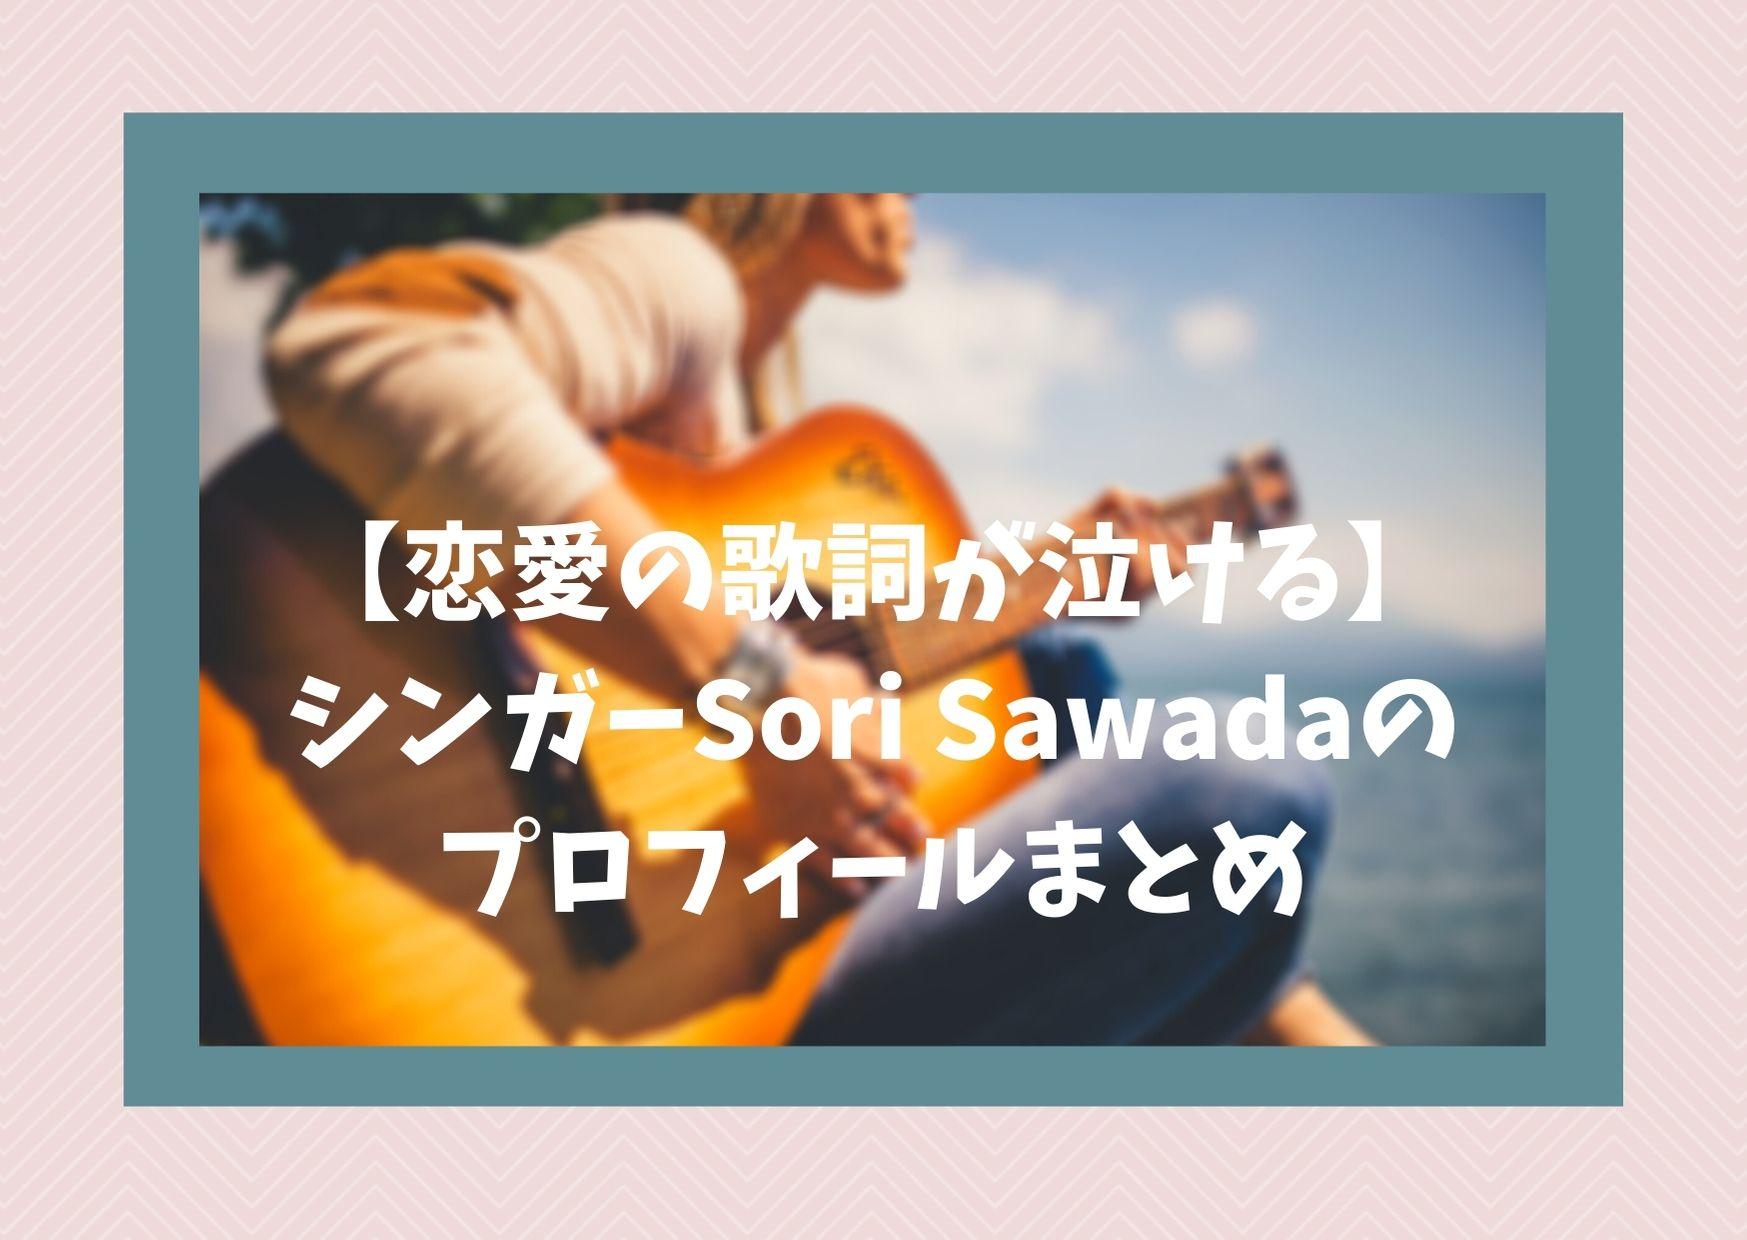 【恋愛の歌詞が泣ける】シンガーSori Sawadaのプロフィールまとめ